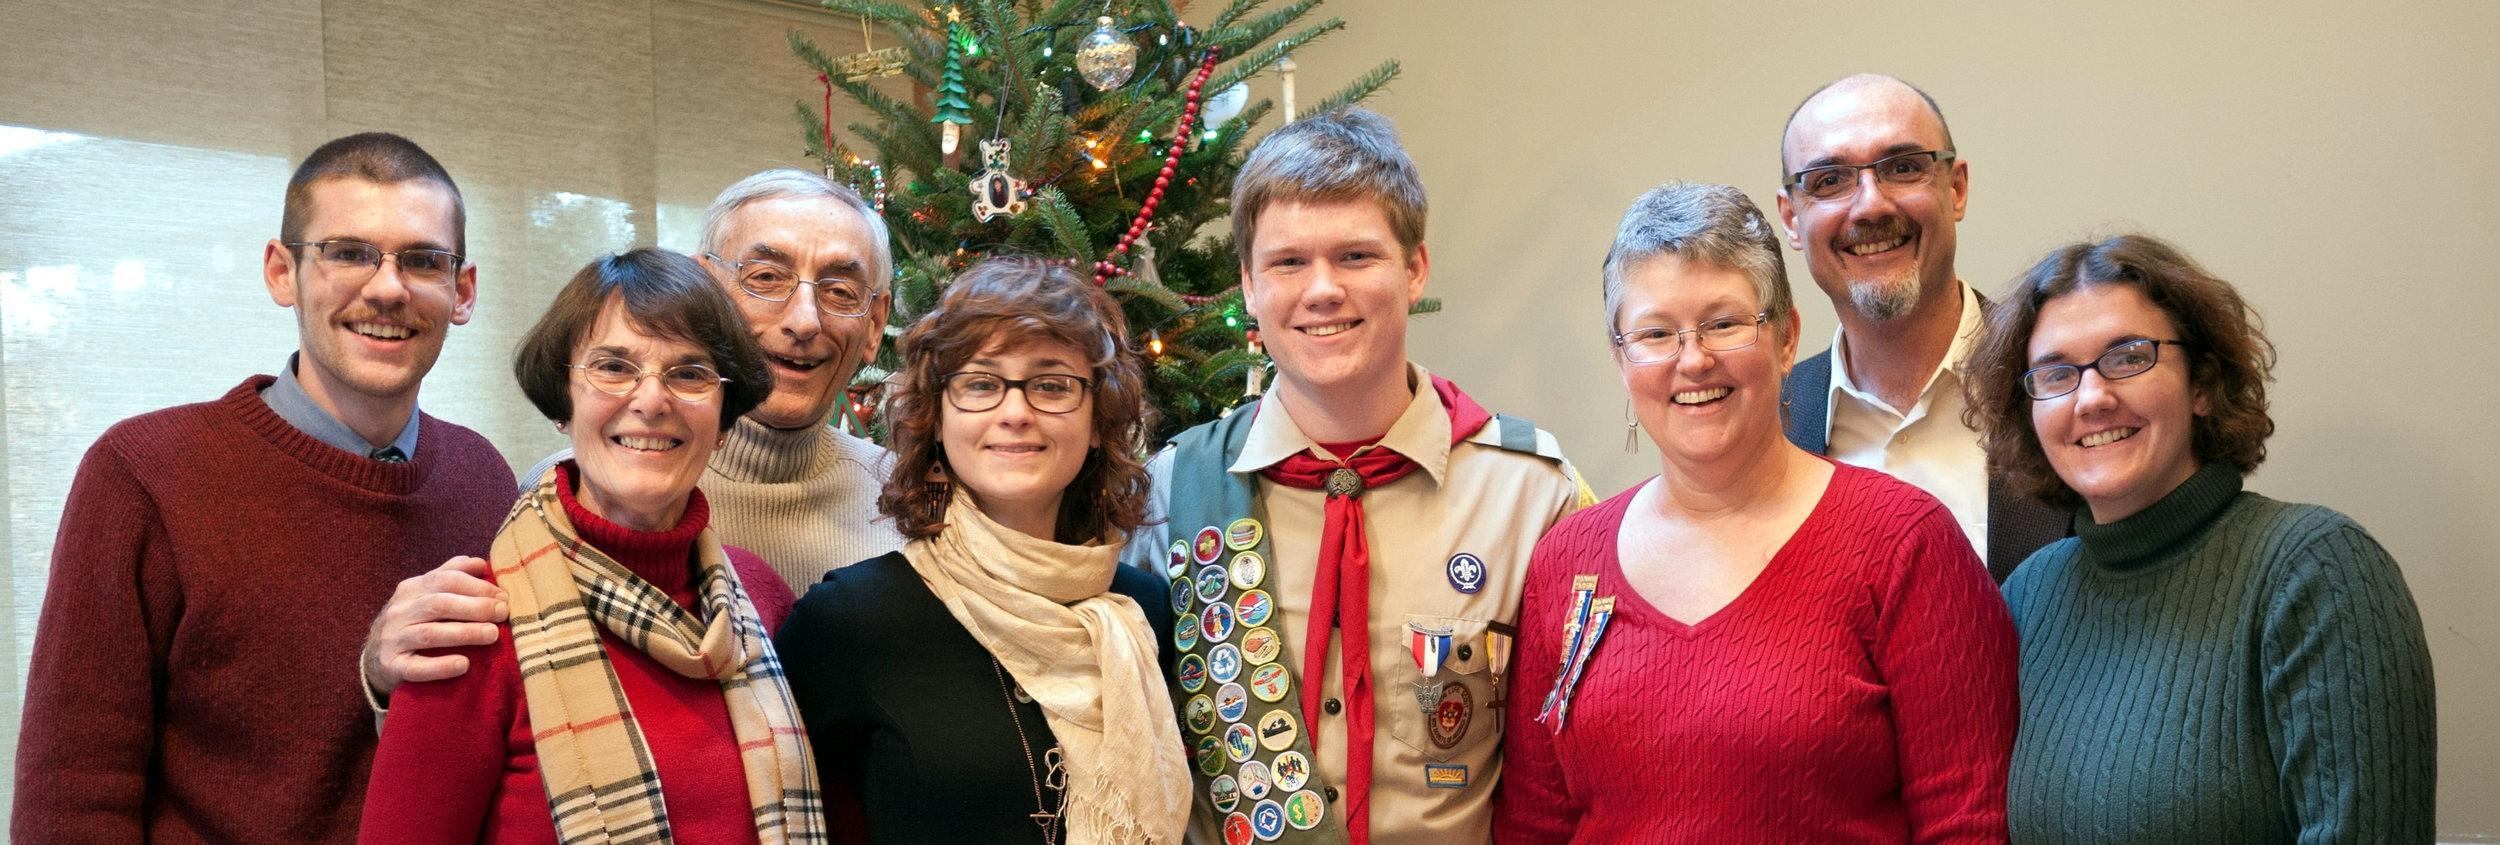 Christmas 2012 FAMILY-001.jpg